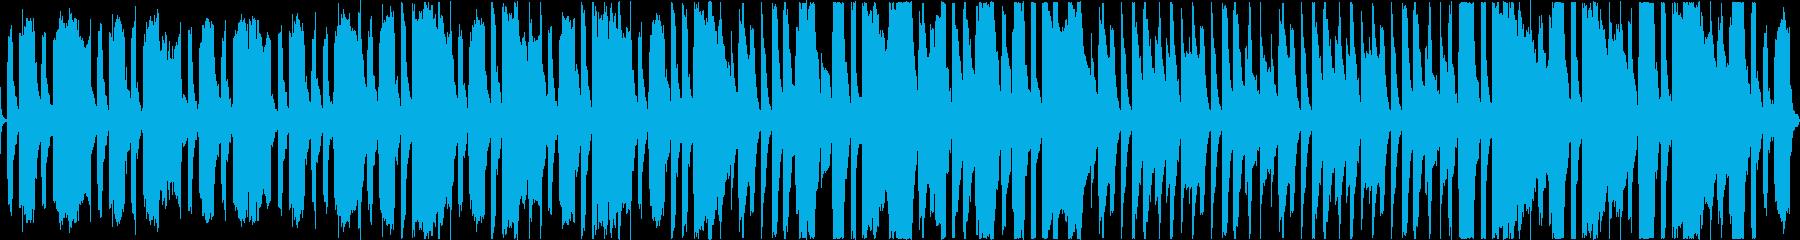 昭和のスケベ感「笑ゥせぇるすまん風」劇伴の再生済みの波形